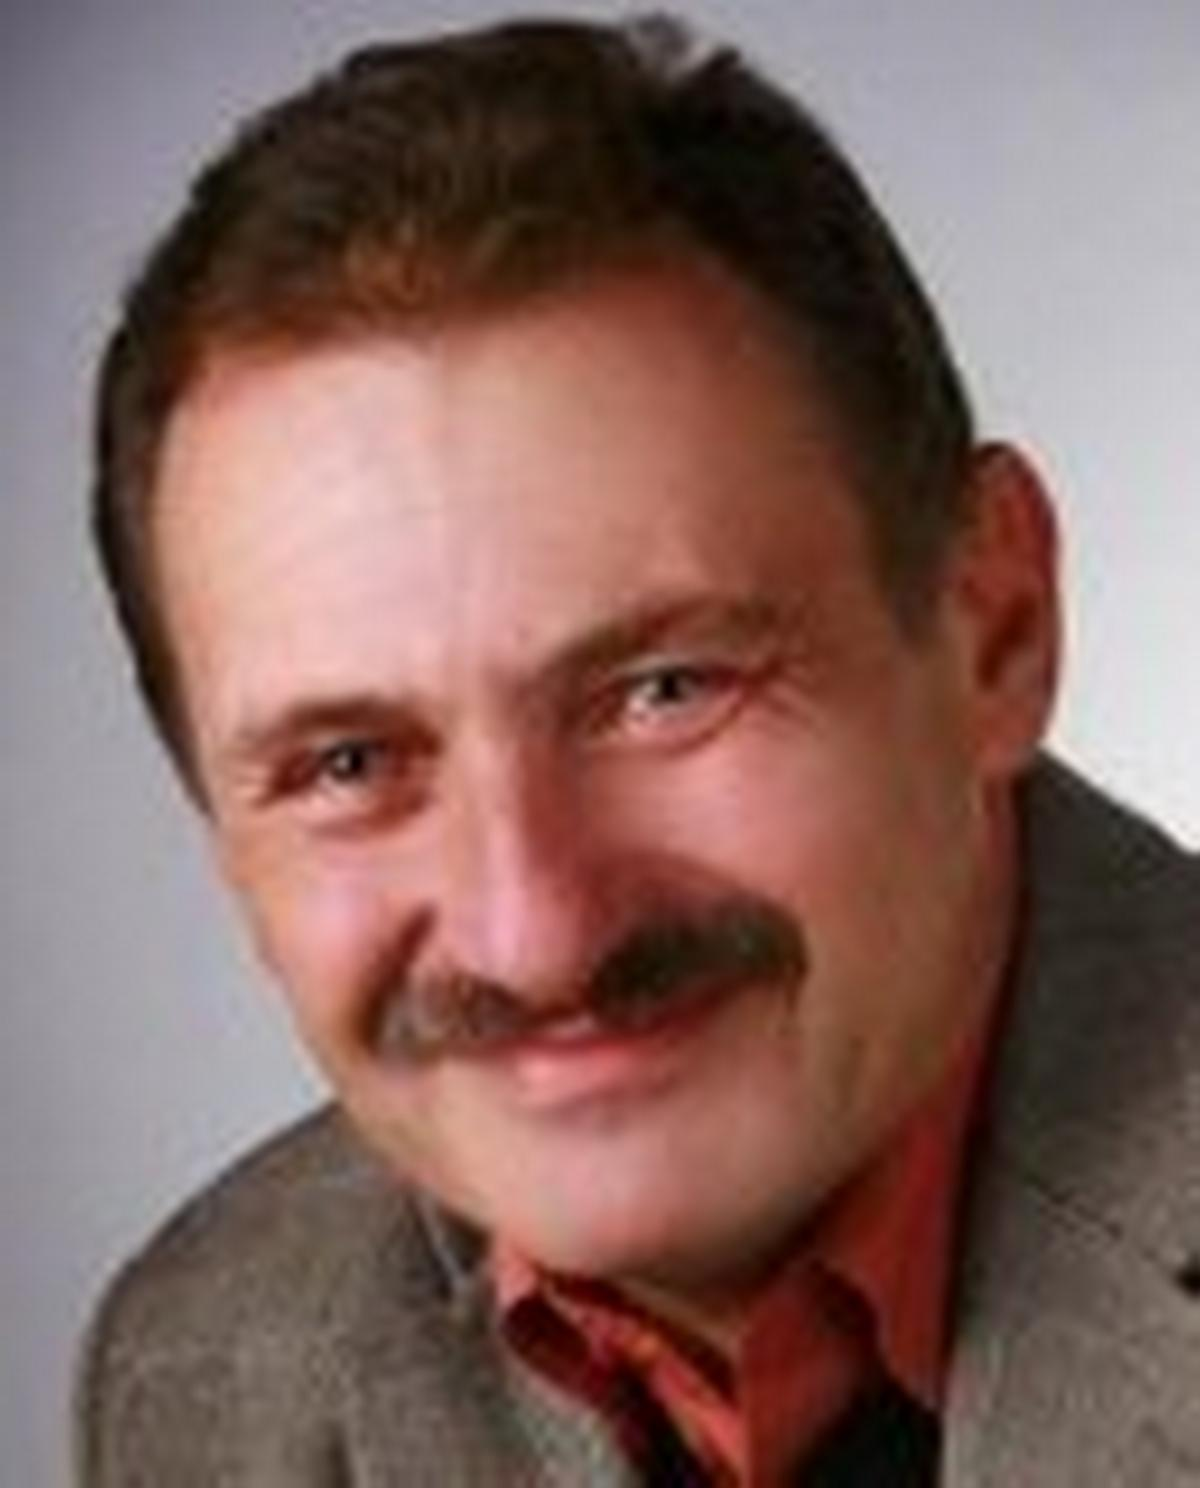 František Bělohlávek, Traicon